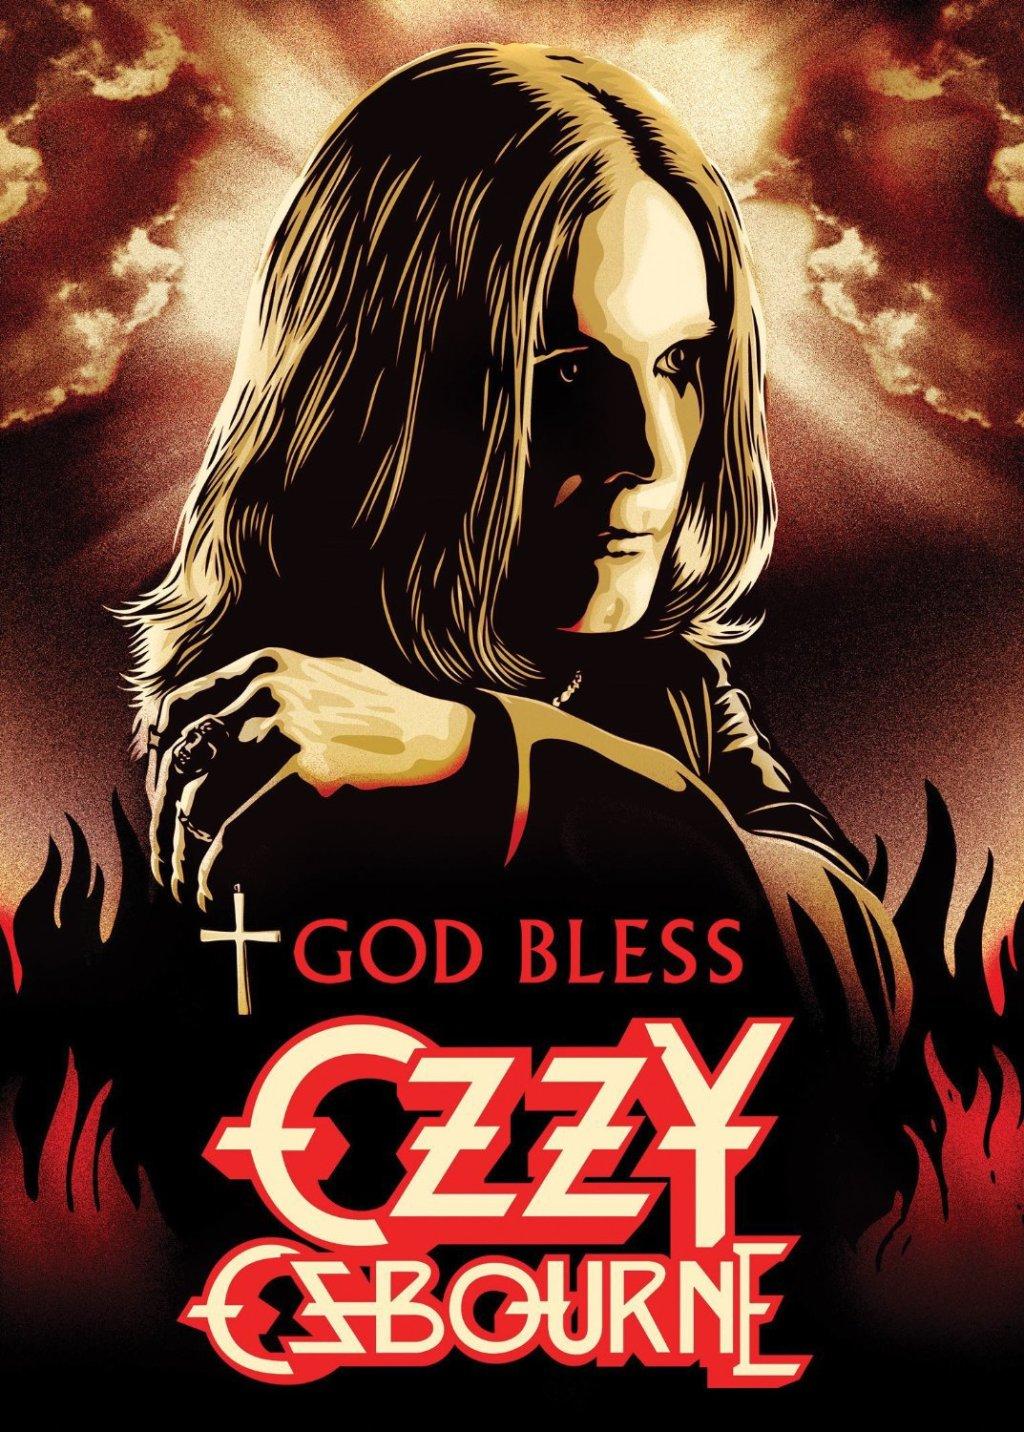 God Bless Ozzy Osbourne (2011) - IMDb